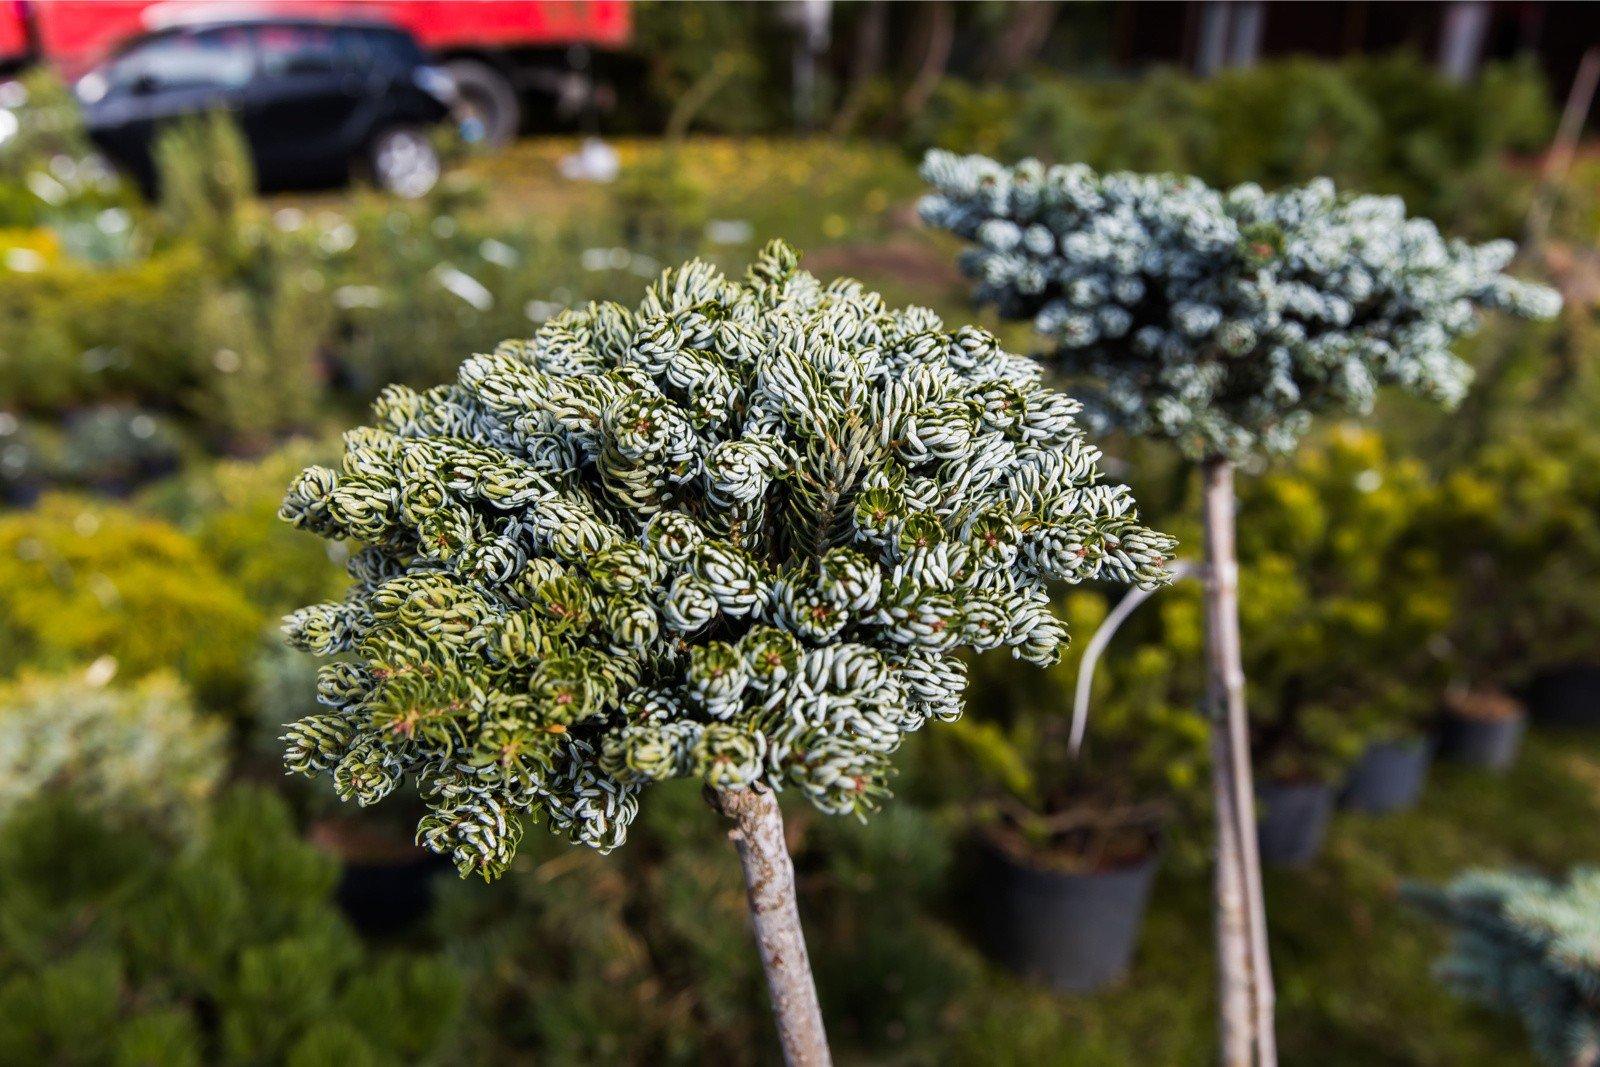 Ogrodowe Hity Jakie Kwiaty I Rosliny Warto Posadzic W Ogrodzie A